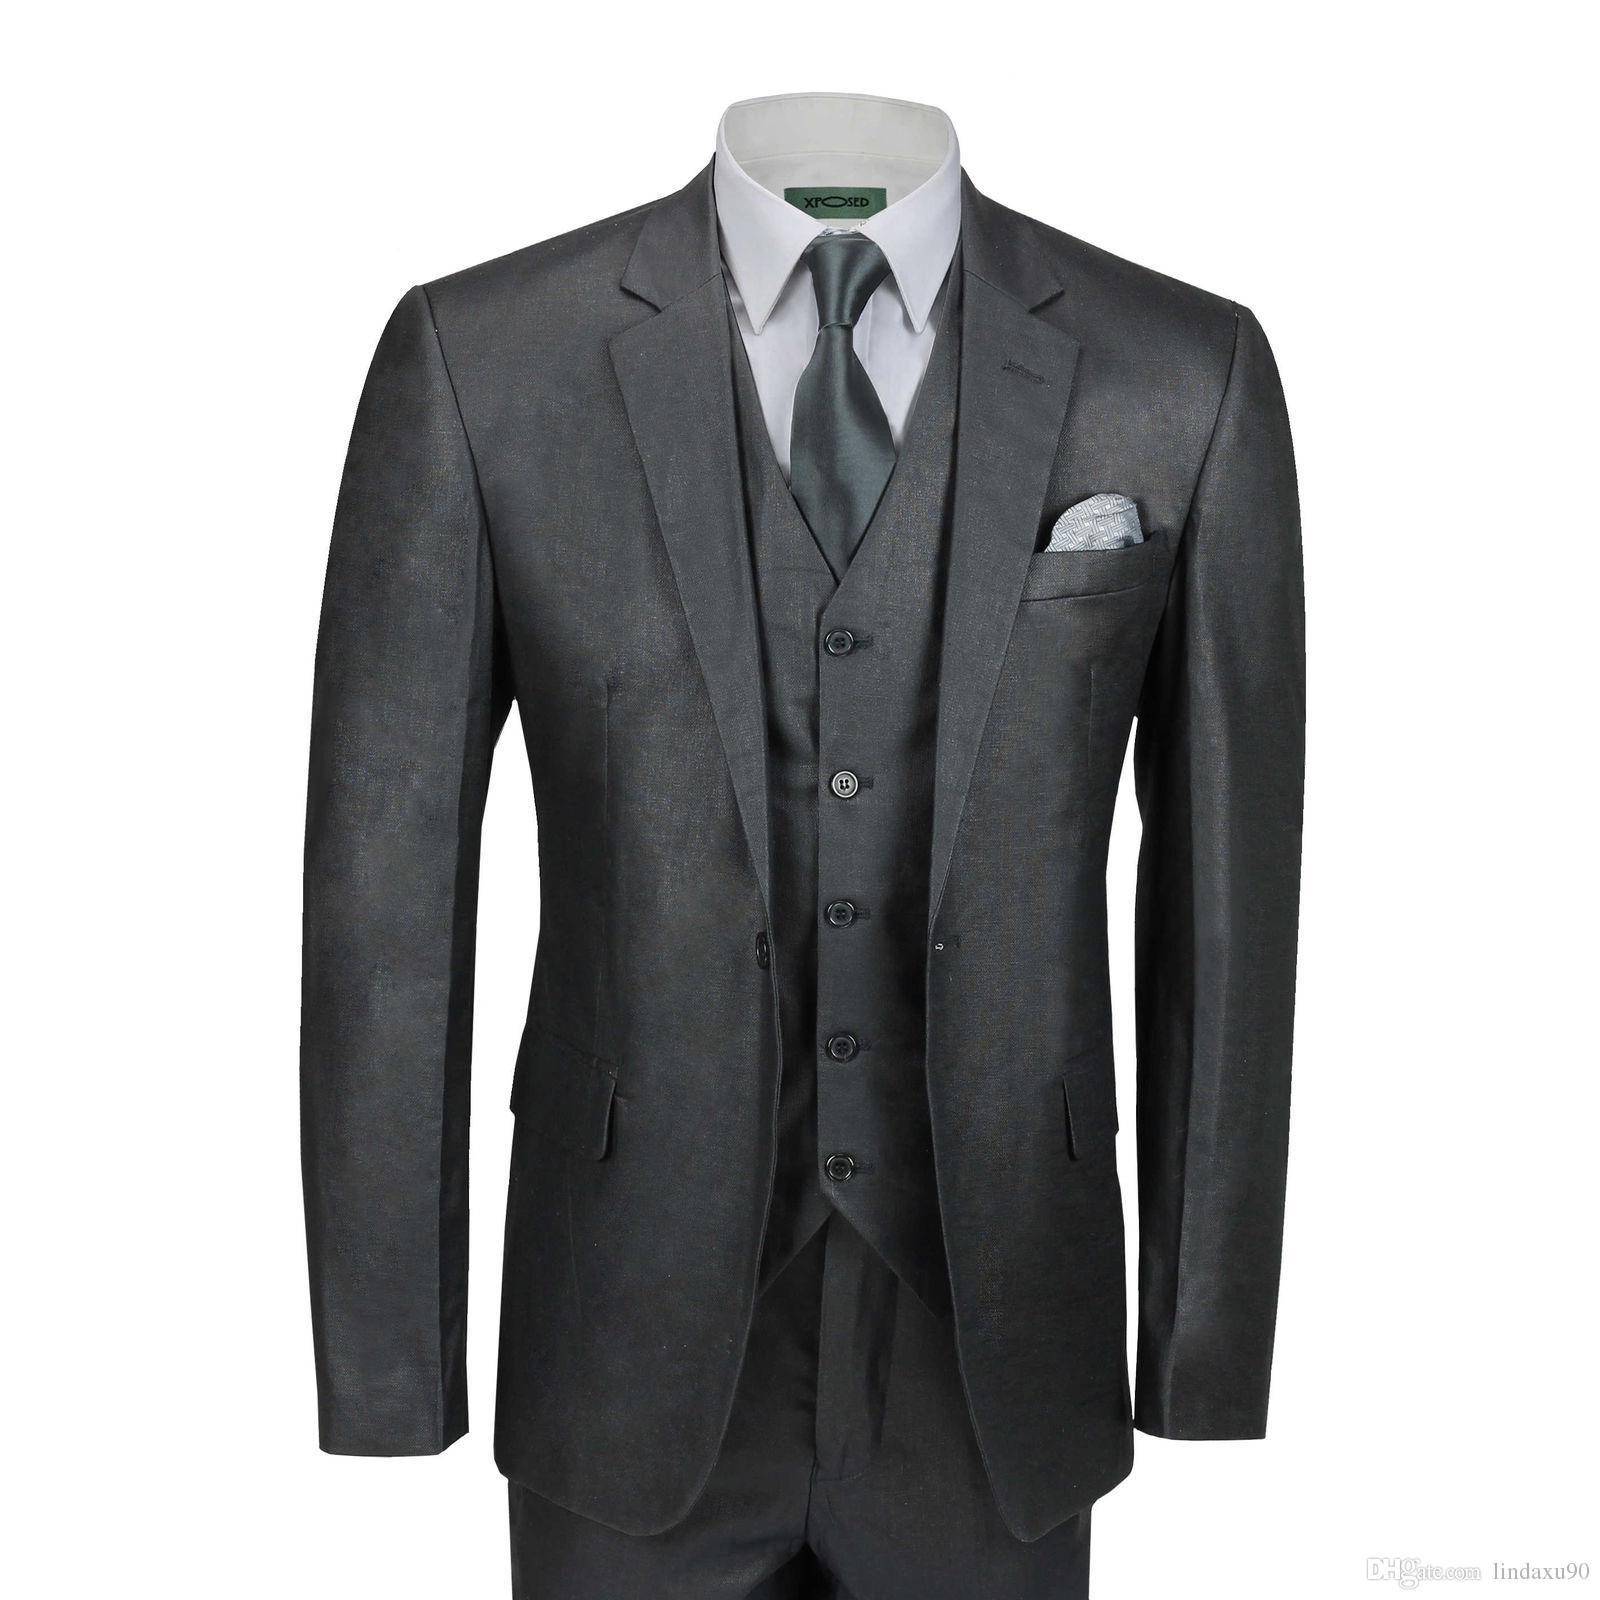 a5792501aeb7 Mens 3 Piece Linen Cotton Suit Black Retro Tailored Fit Jacket Waistcoat  Trouser Fitted Best Man Suits(Jacket+Pants+vest) Hot Sale